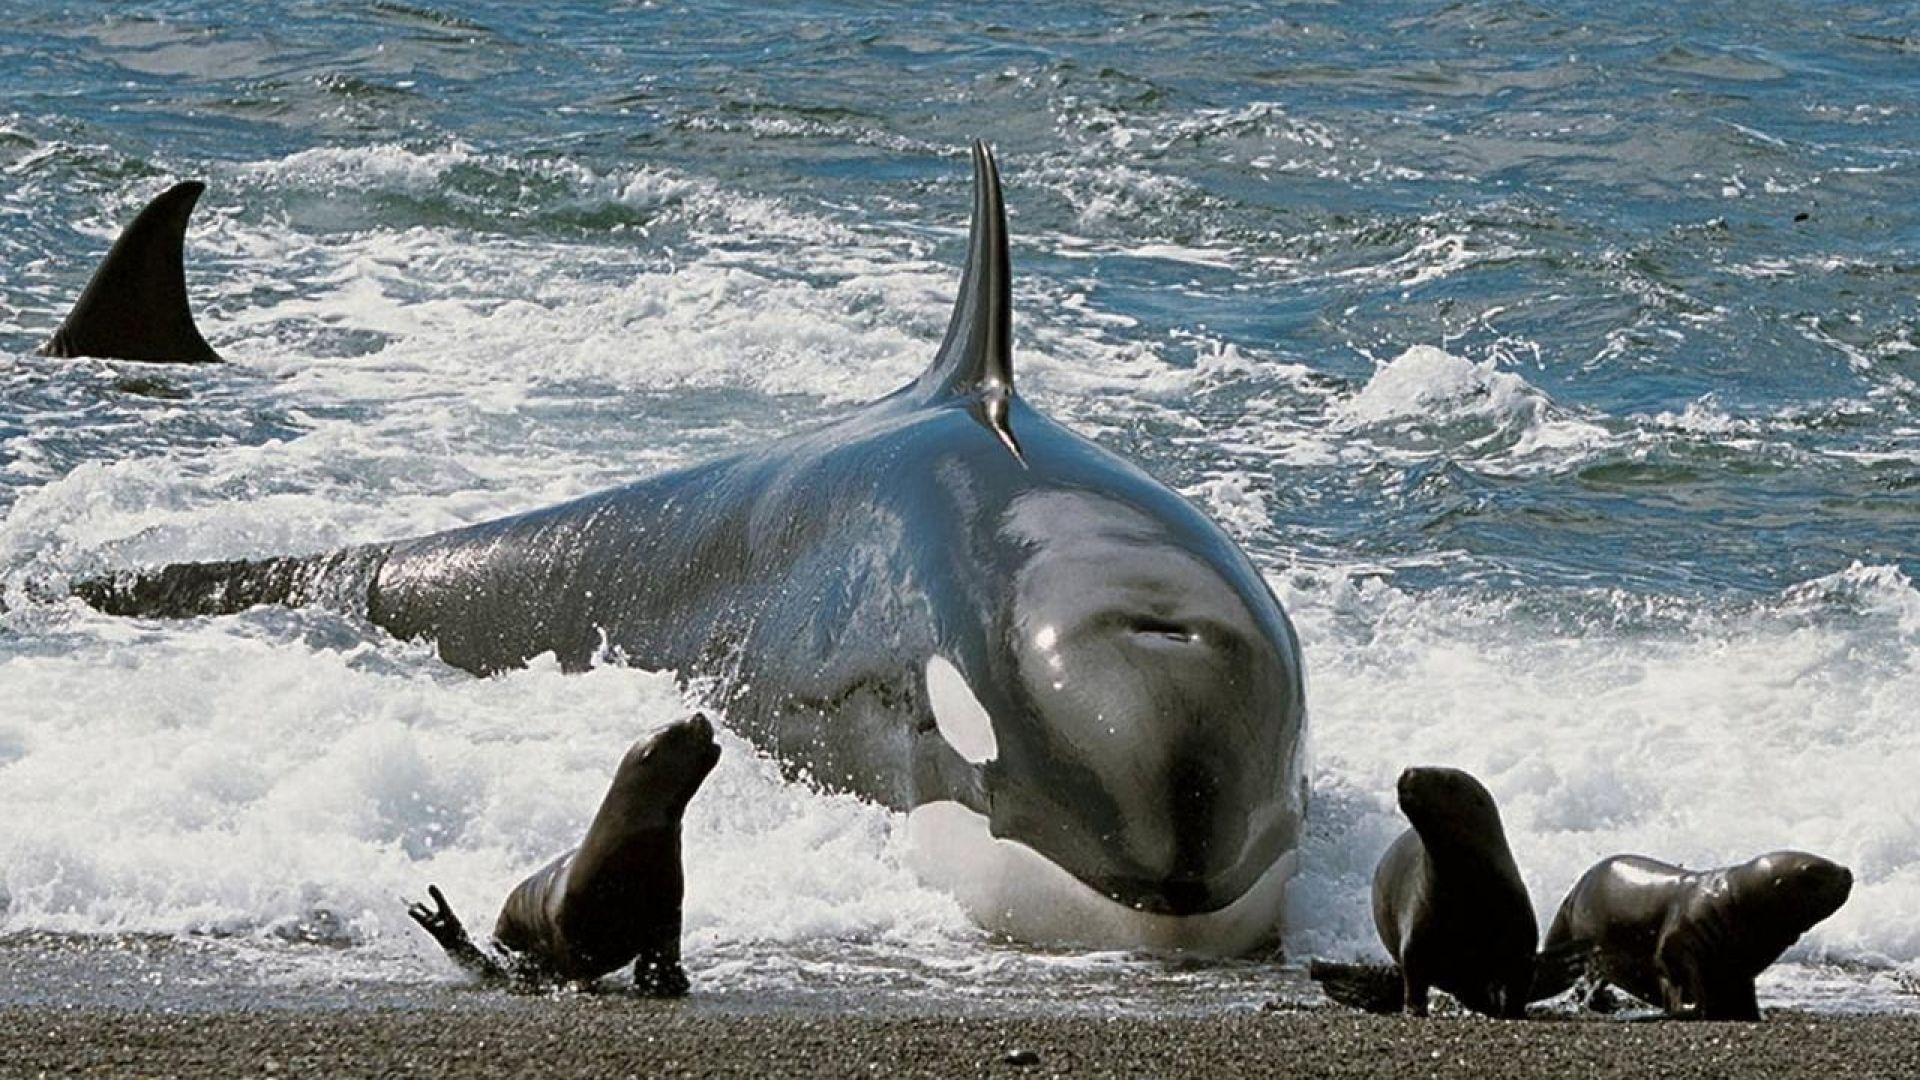 Косатките отнеха короната на големите бели акули като върховен морски